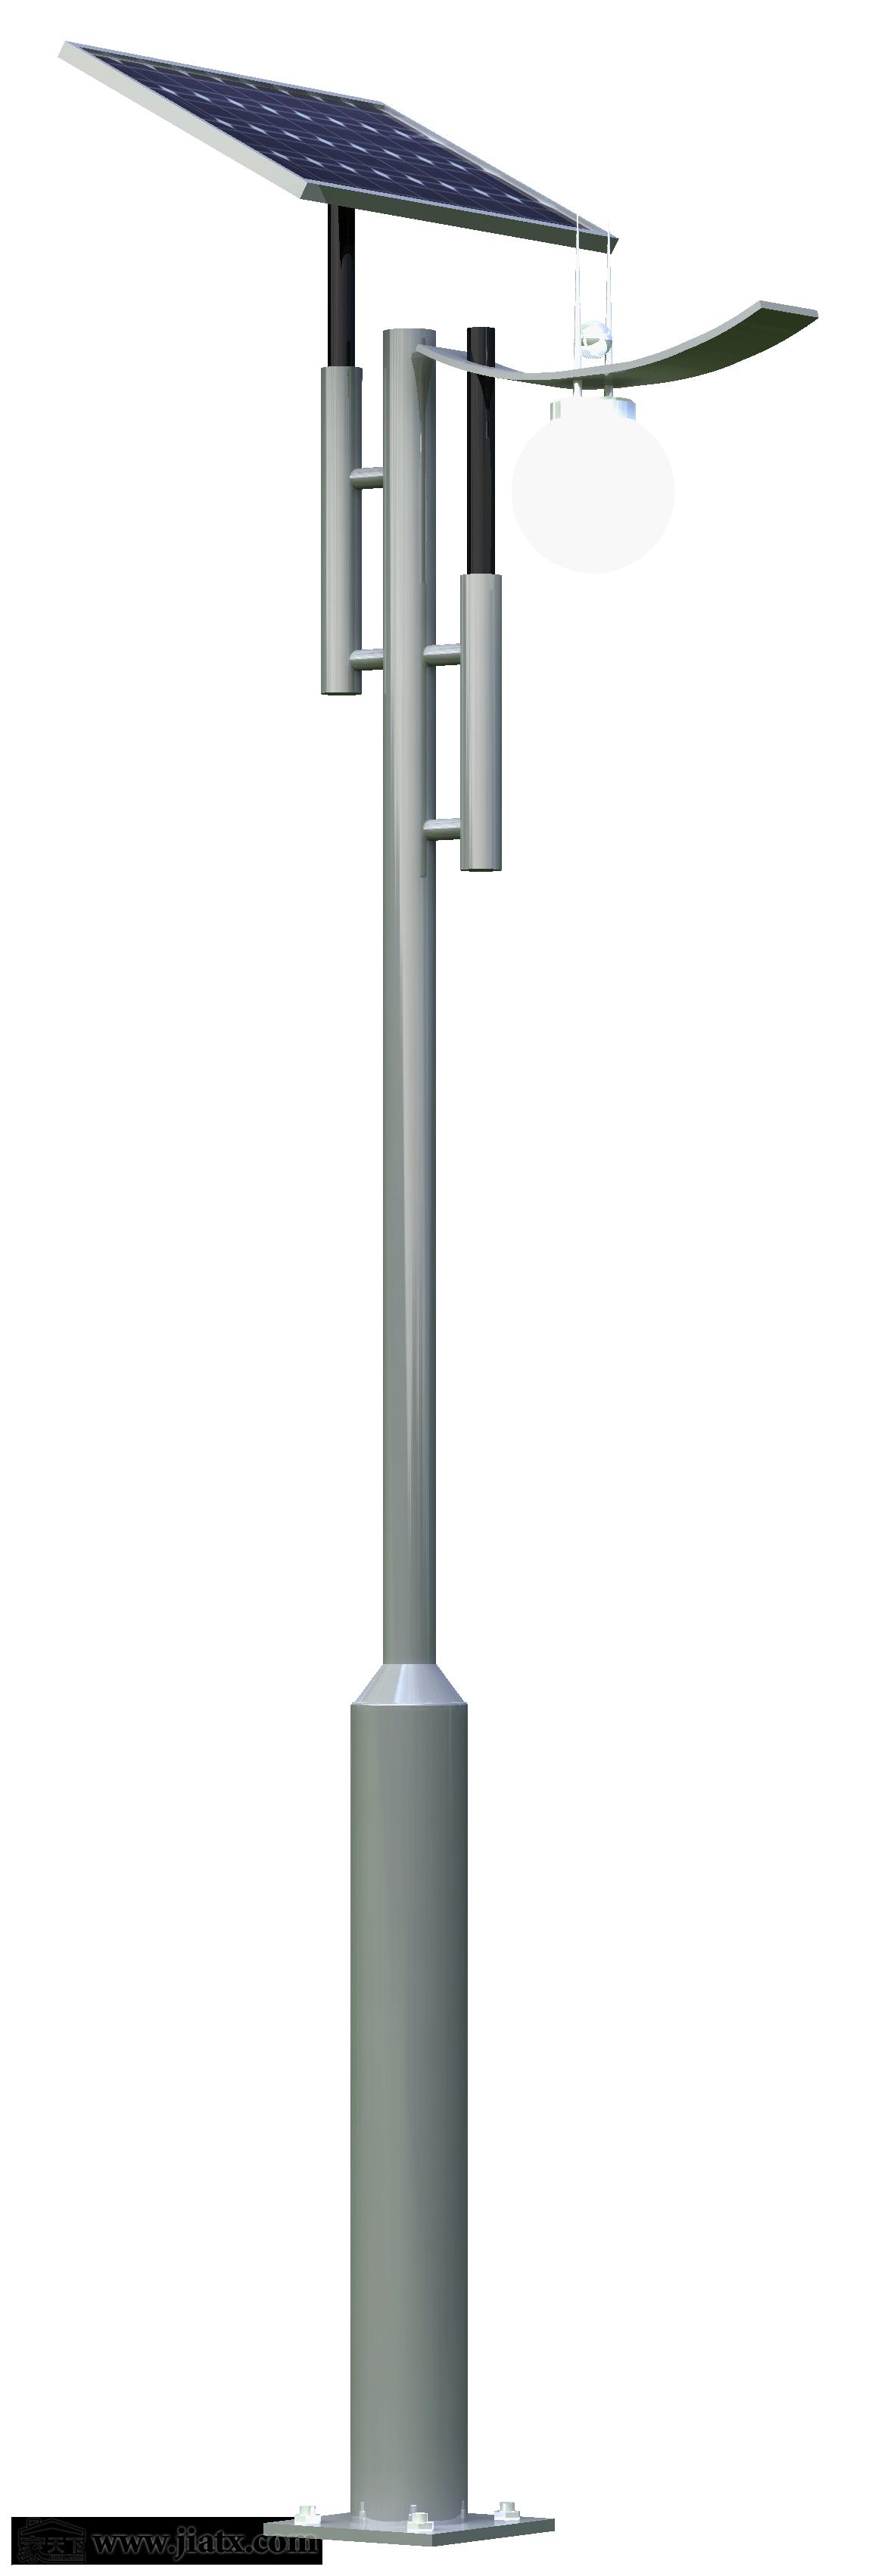 皇明太阳能庭院灯HZT-18